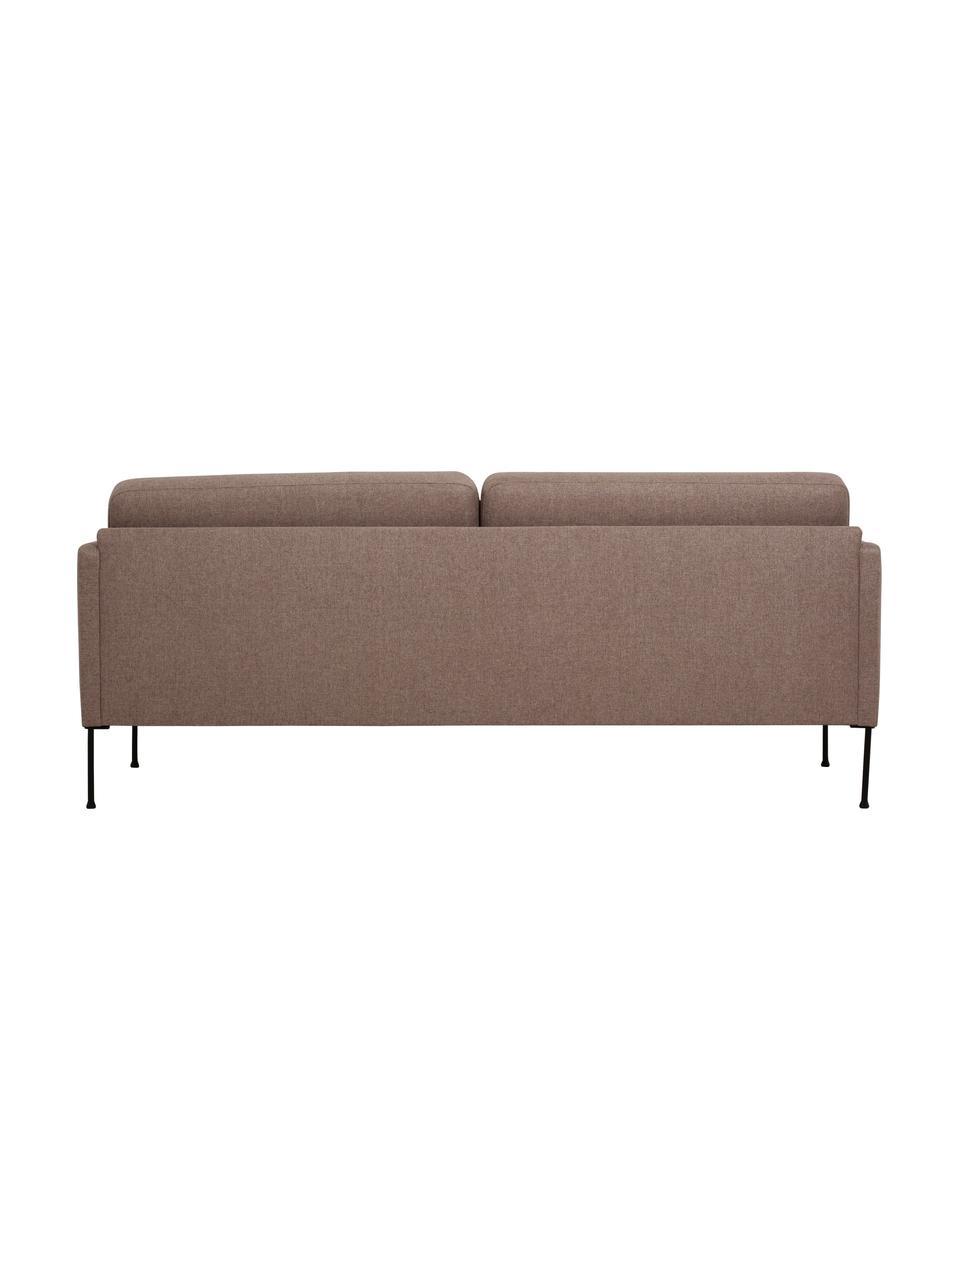 Canapé 3 places brun avec pieds en métal Fluente, Tissu brun